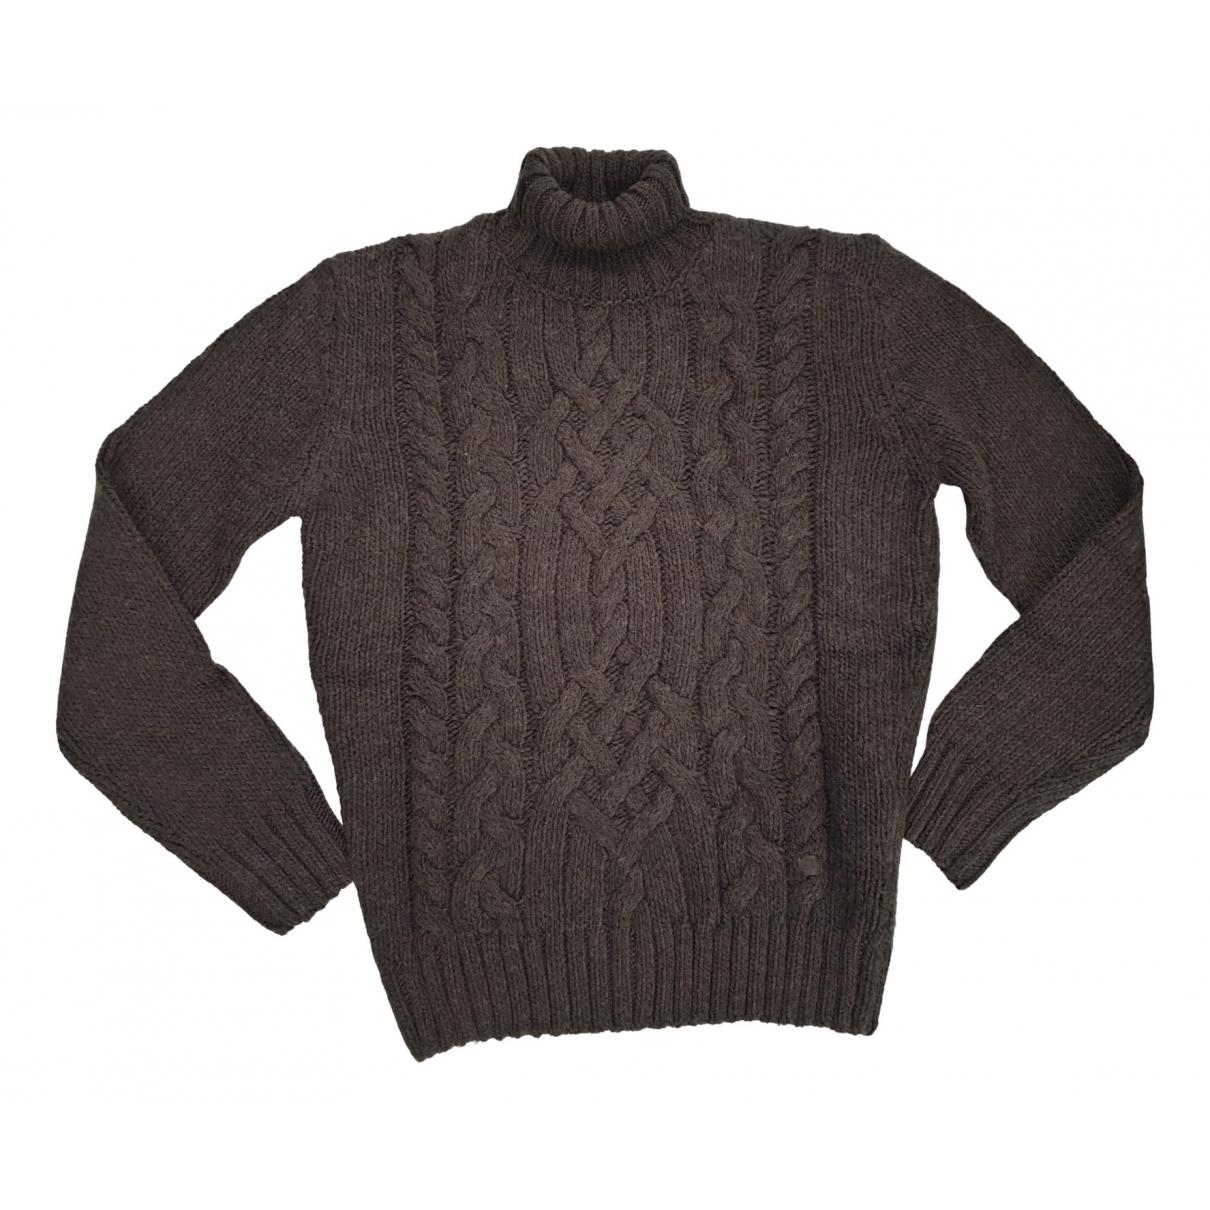 Trussardi N Brown Wool Knitwear & Sweatshirts for Men L International